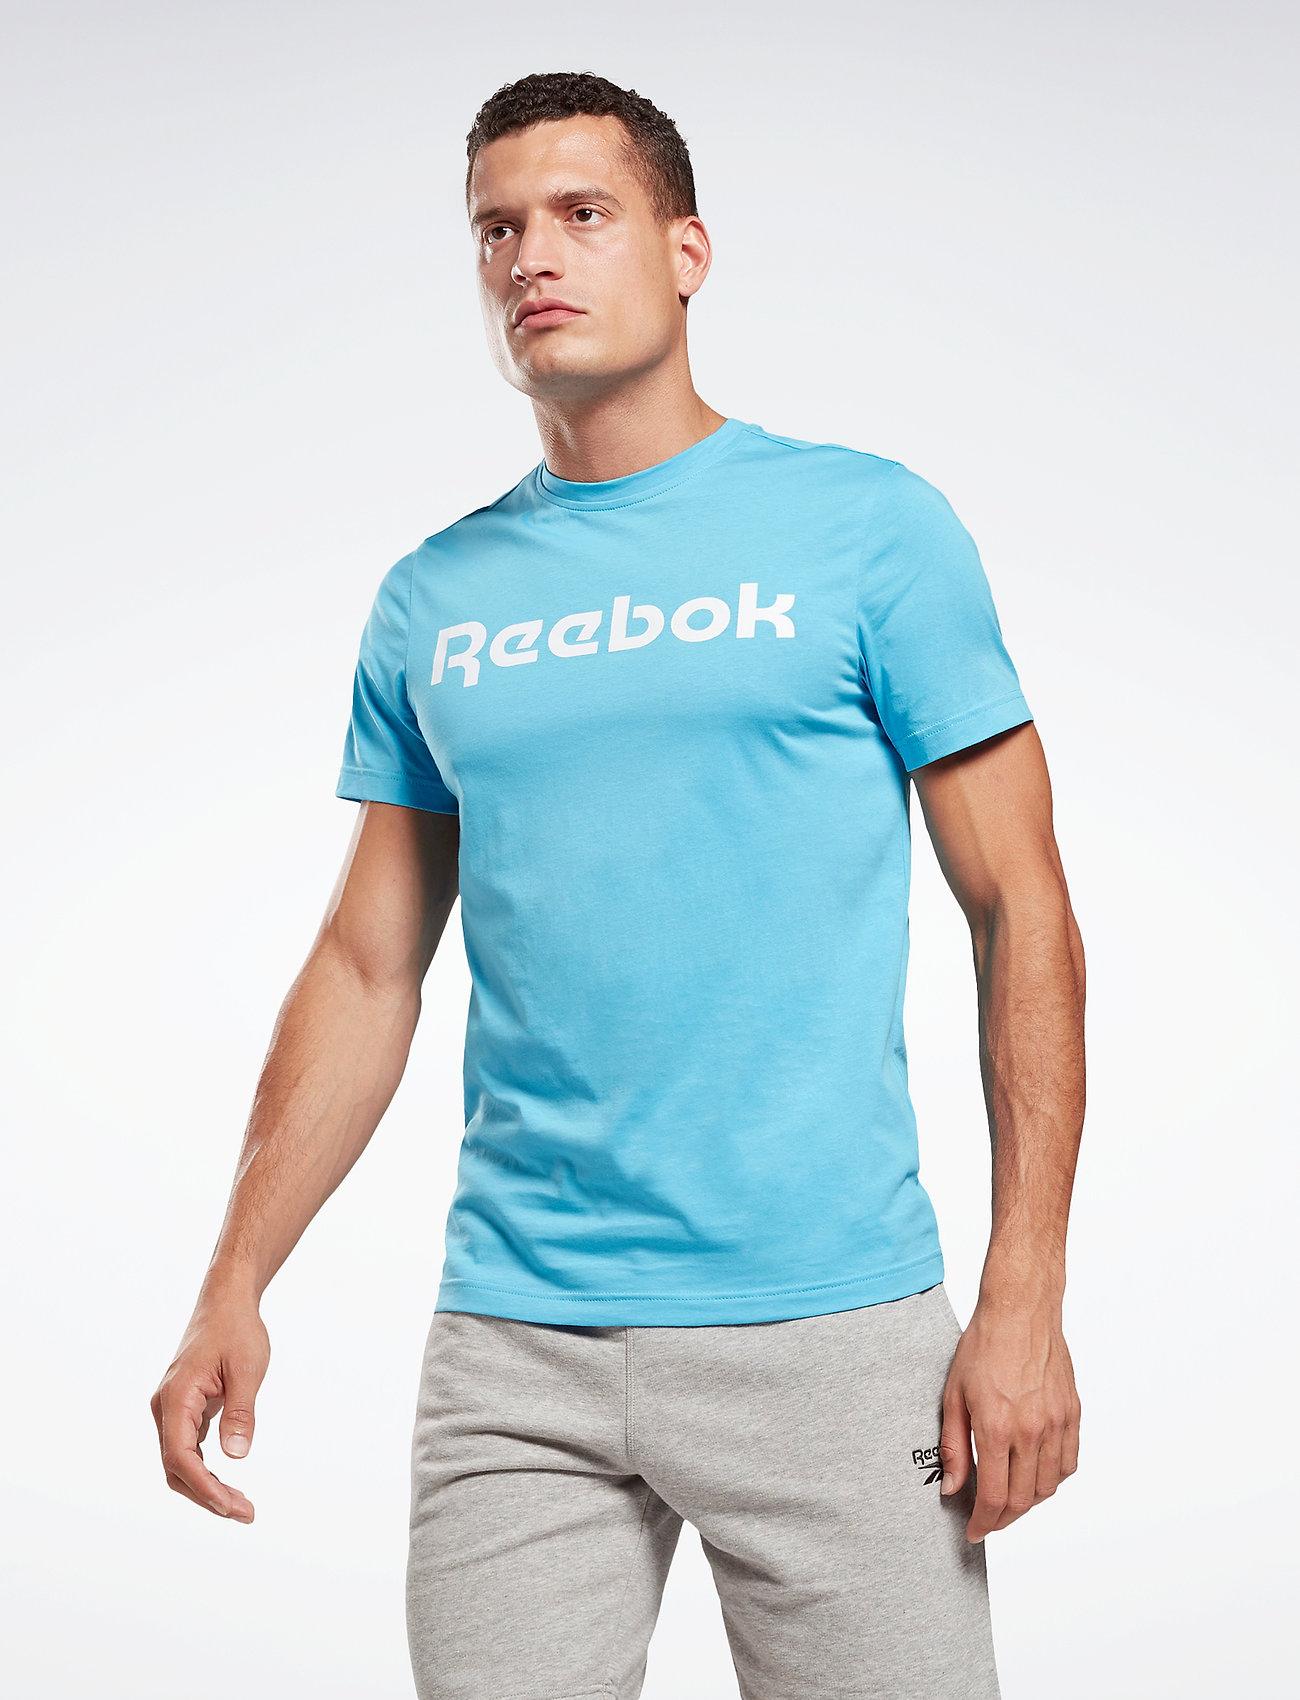 Reebok Performance - Graphic Series Linear Logo T-Shirt - t-shirts - radaqu - 0